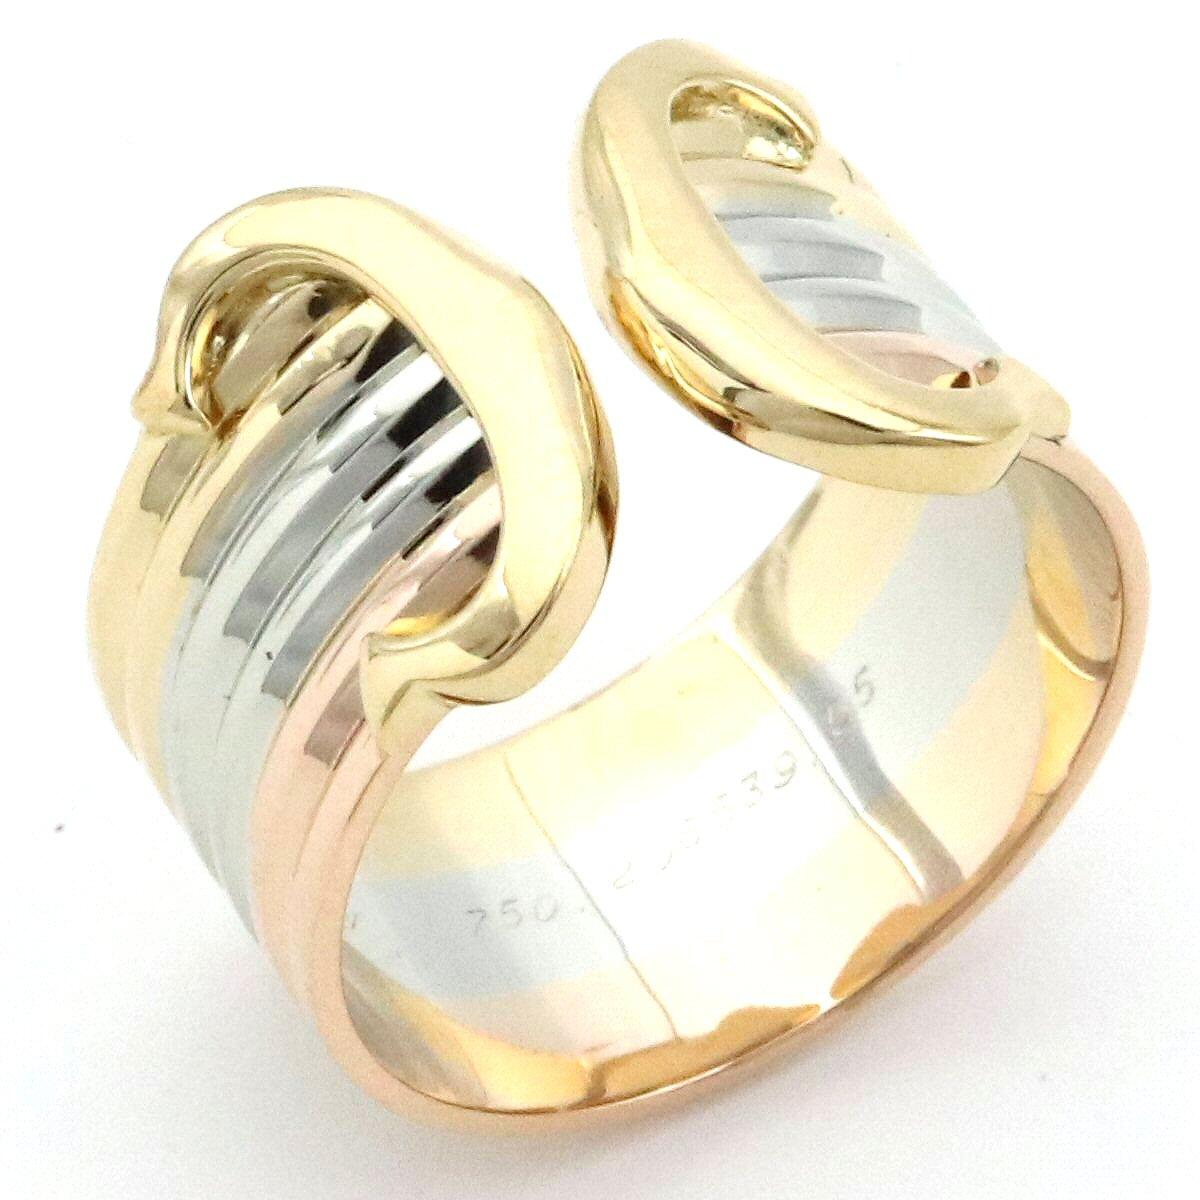 【ジュエリー】Cartier カルティエ 2C トリニティ リング 指輪 K18 スリーカラー スリーゴールド イエロー ピンク ホワイト 3カラー C2 12号 #55 【中古】